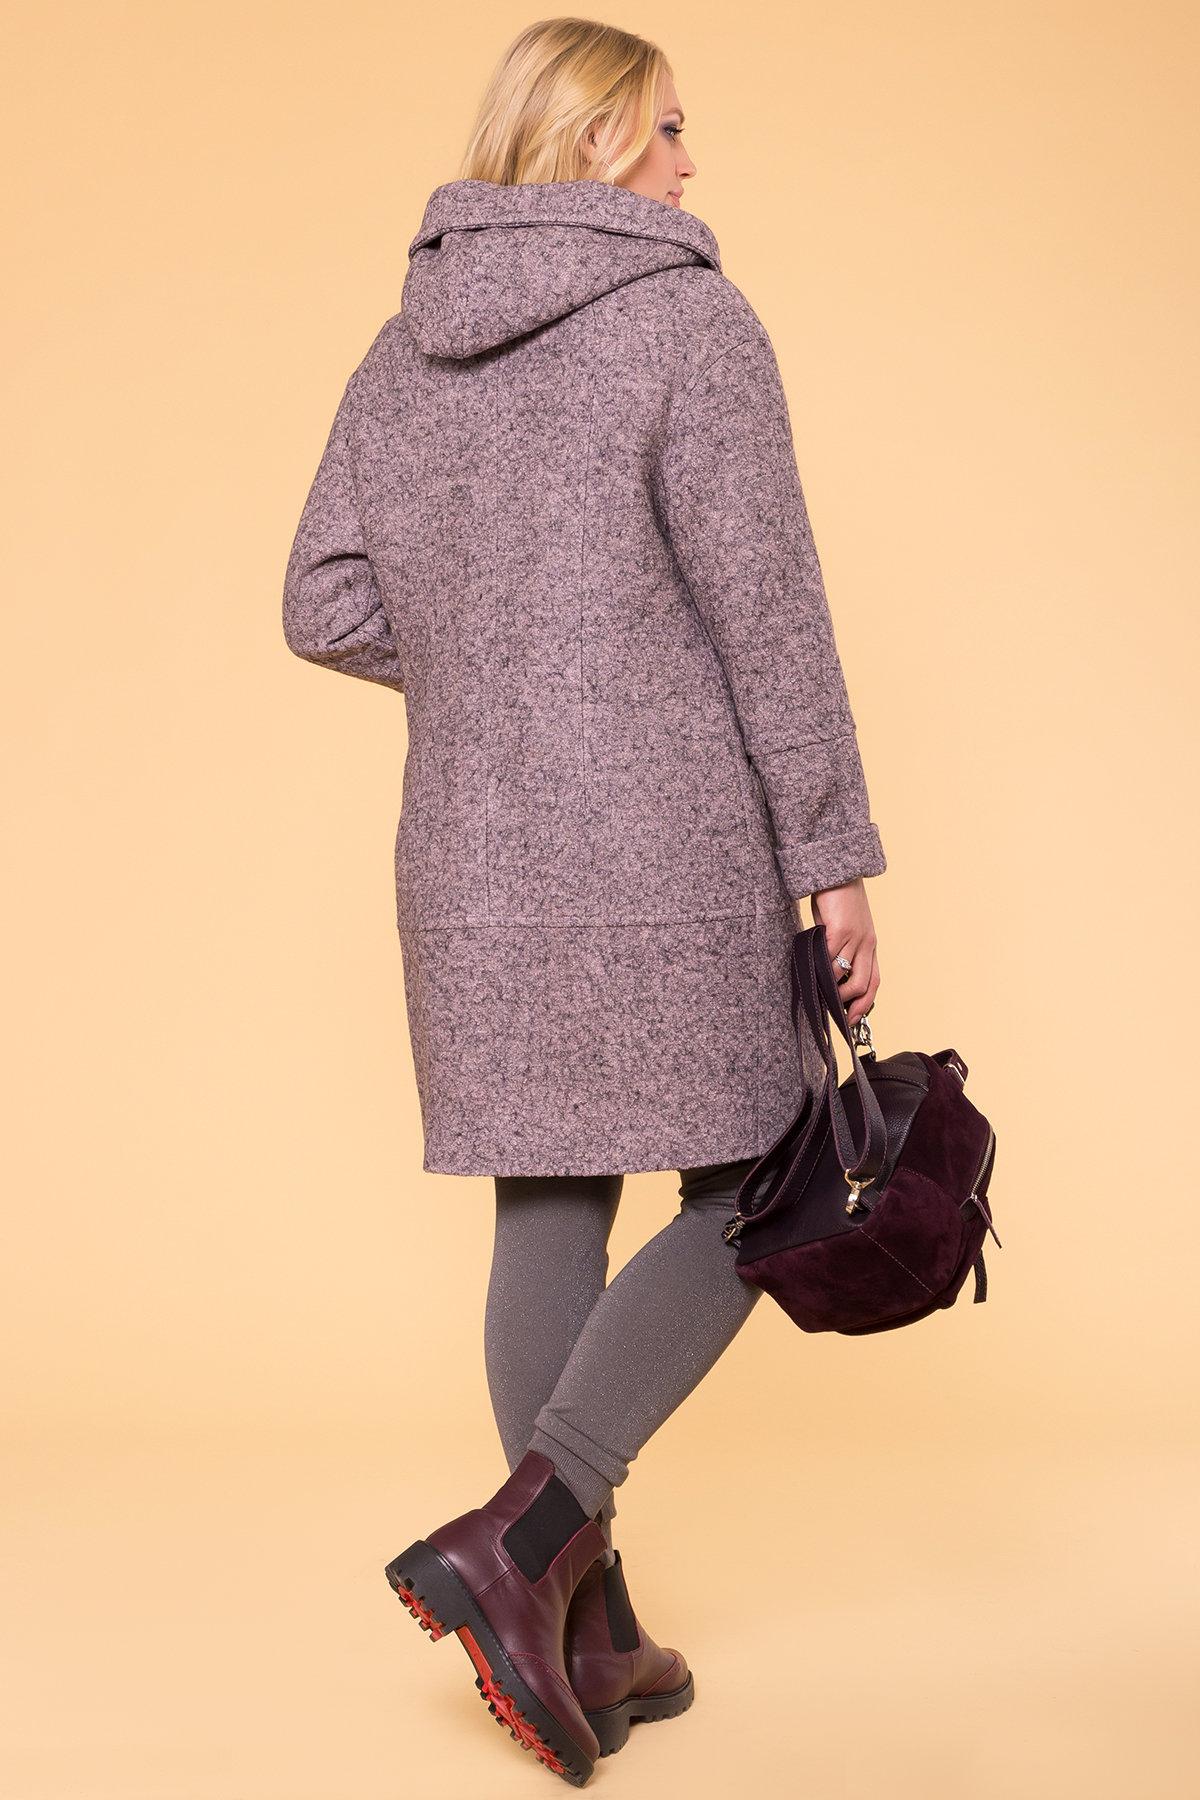 Пальто зима с капюшоном Анита Donna 3720 Цвет: Серо-розовый LW-25